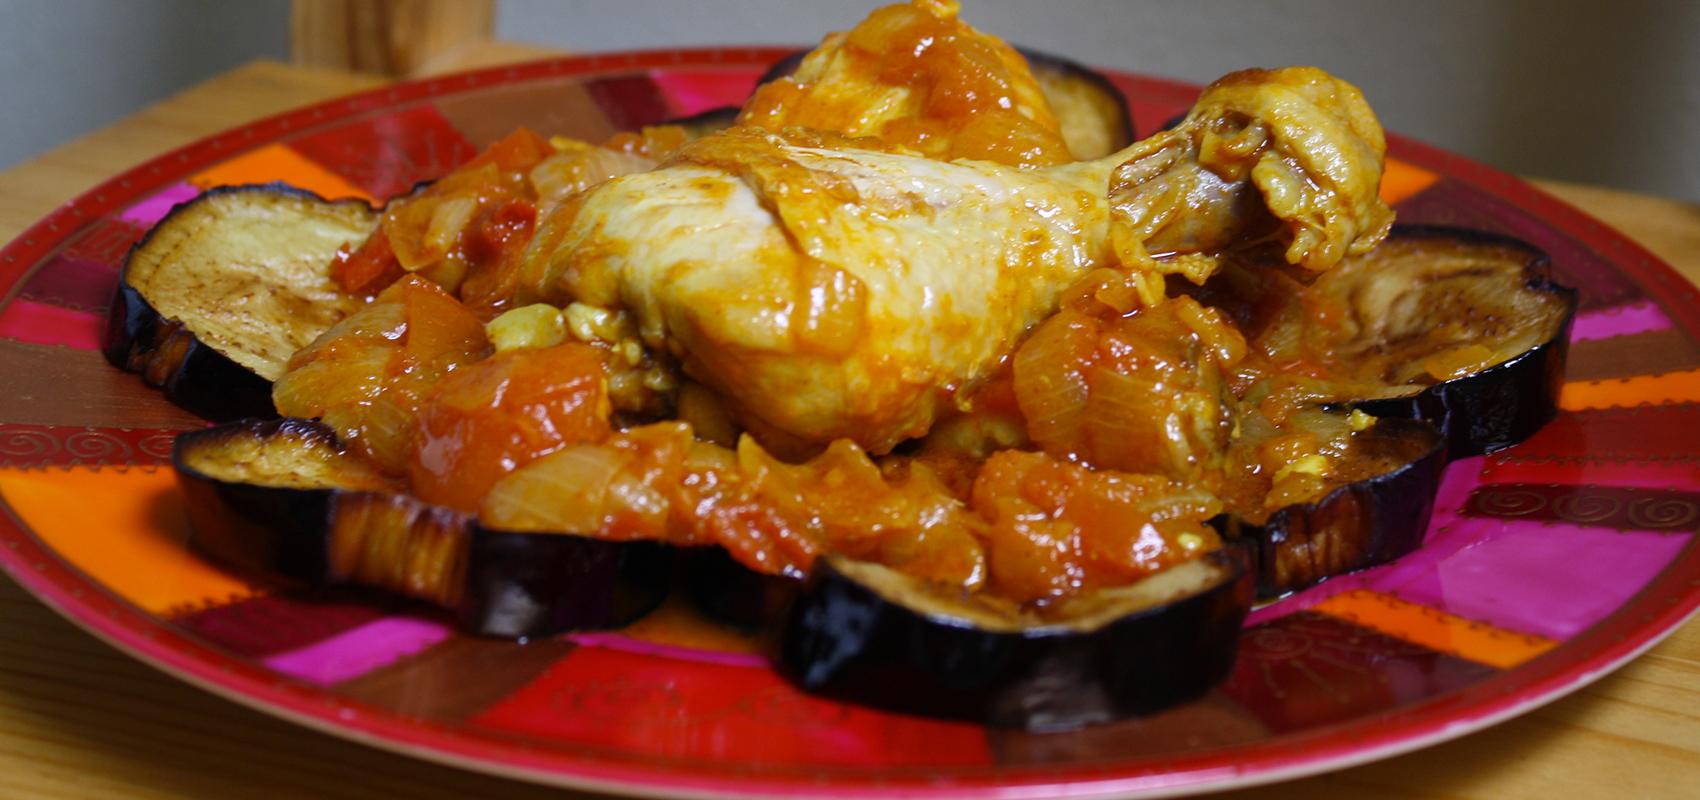 Tajine de poulet et aubergines l 39 alg rienne cuisine du - Recette de cuisine algerienne traditionnelle ...